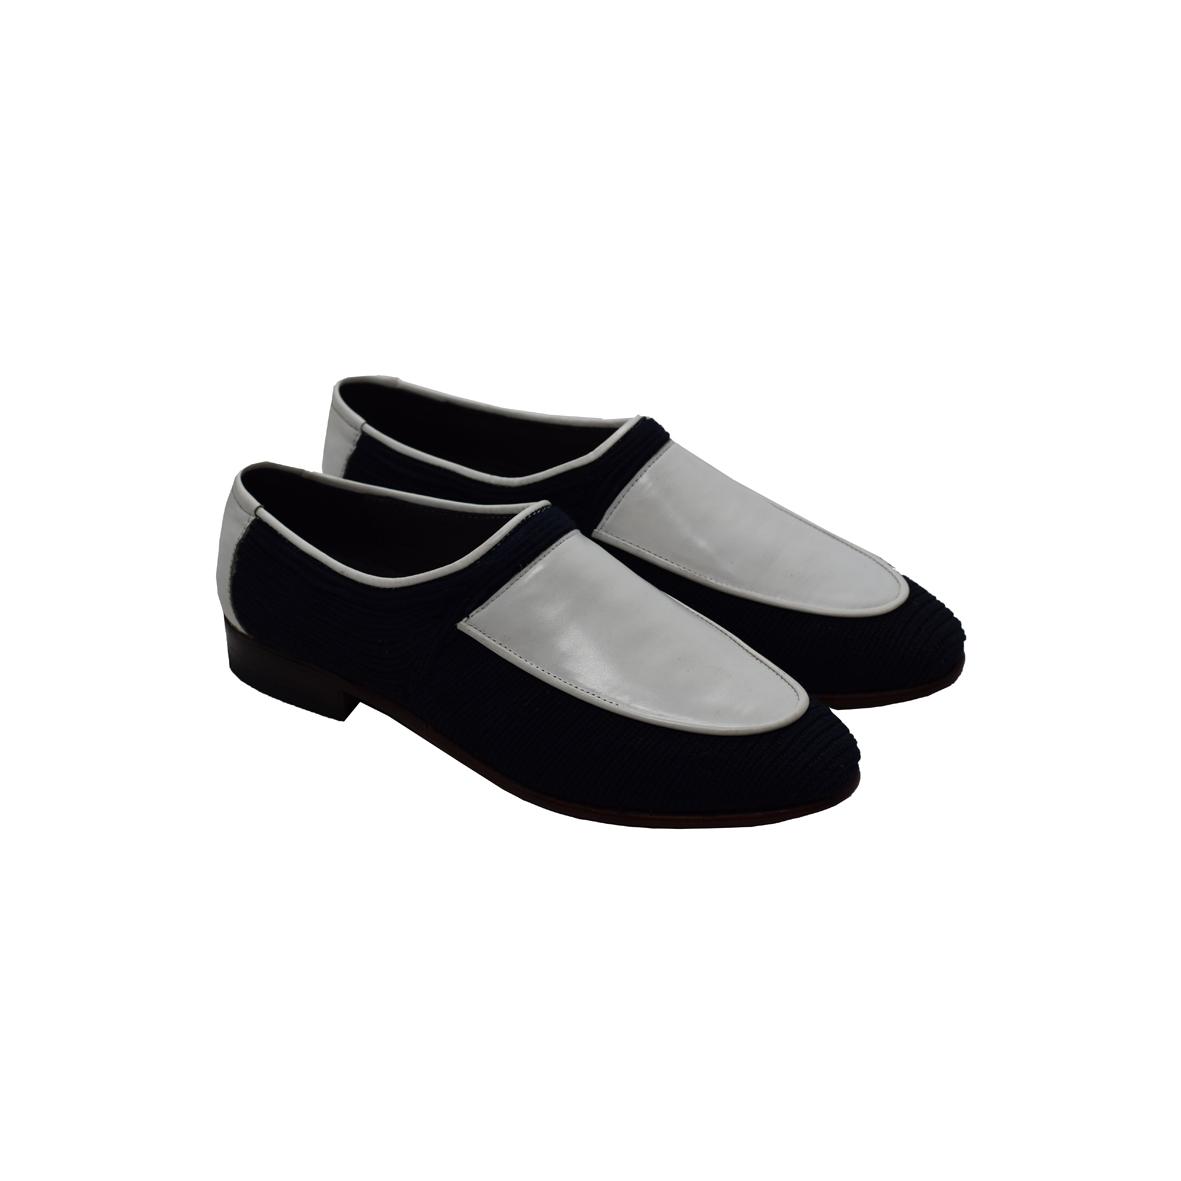 کفش زنانه دگرمان مدل آبان کد deg.1ab1014 -  - 5